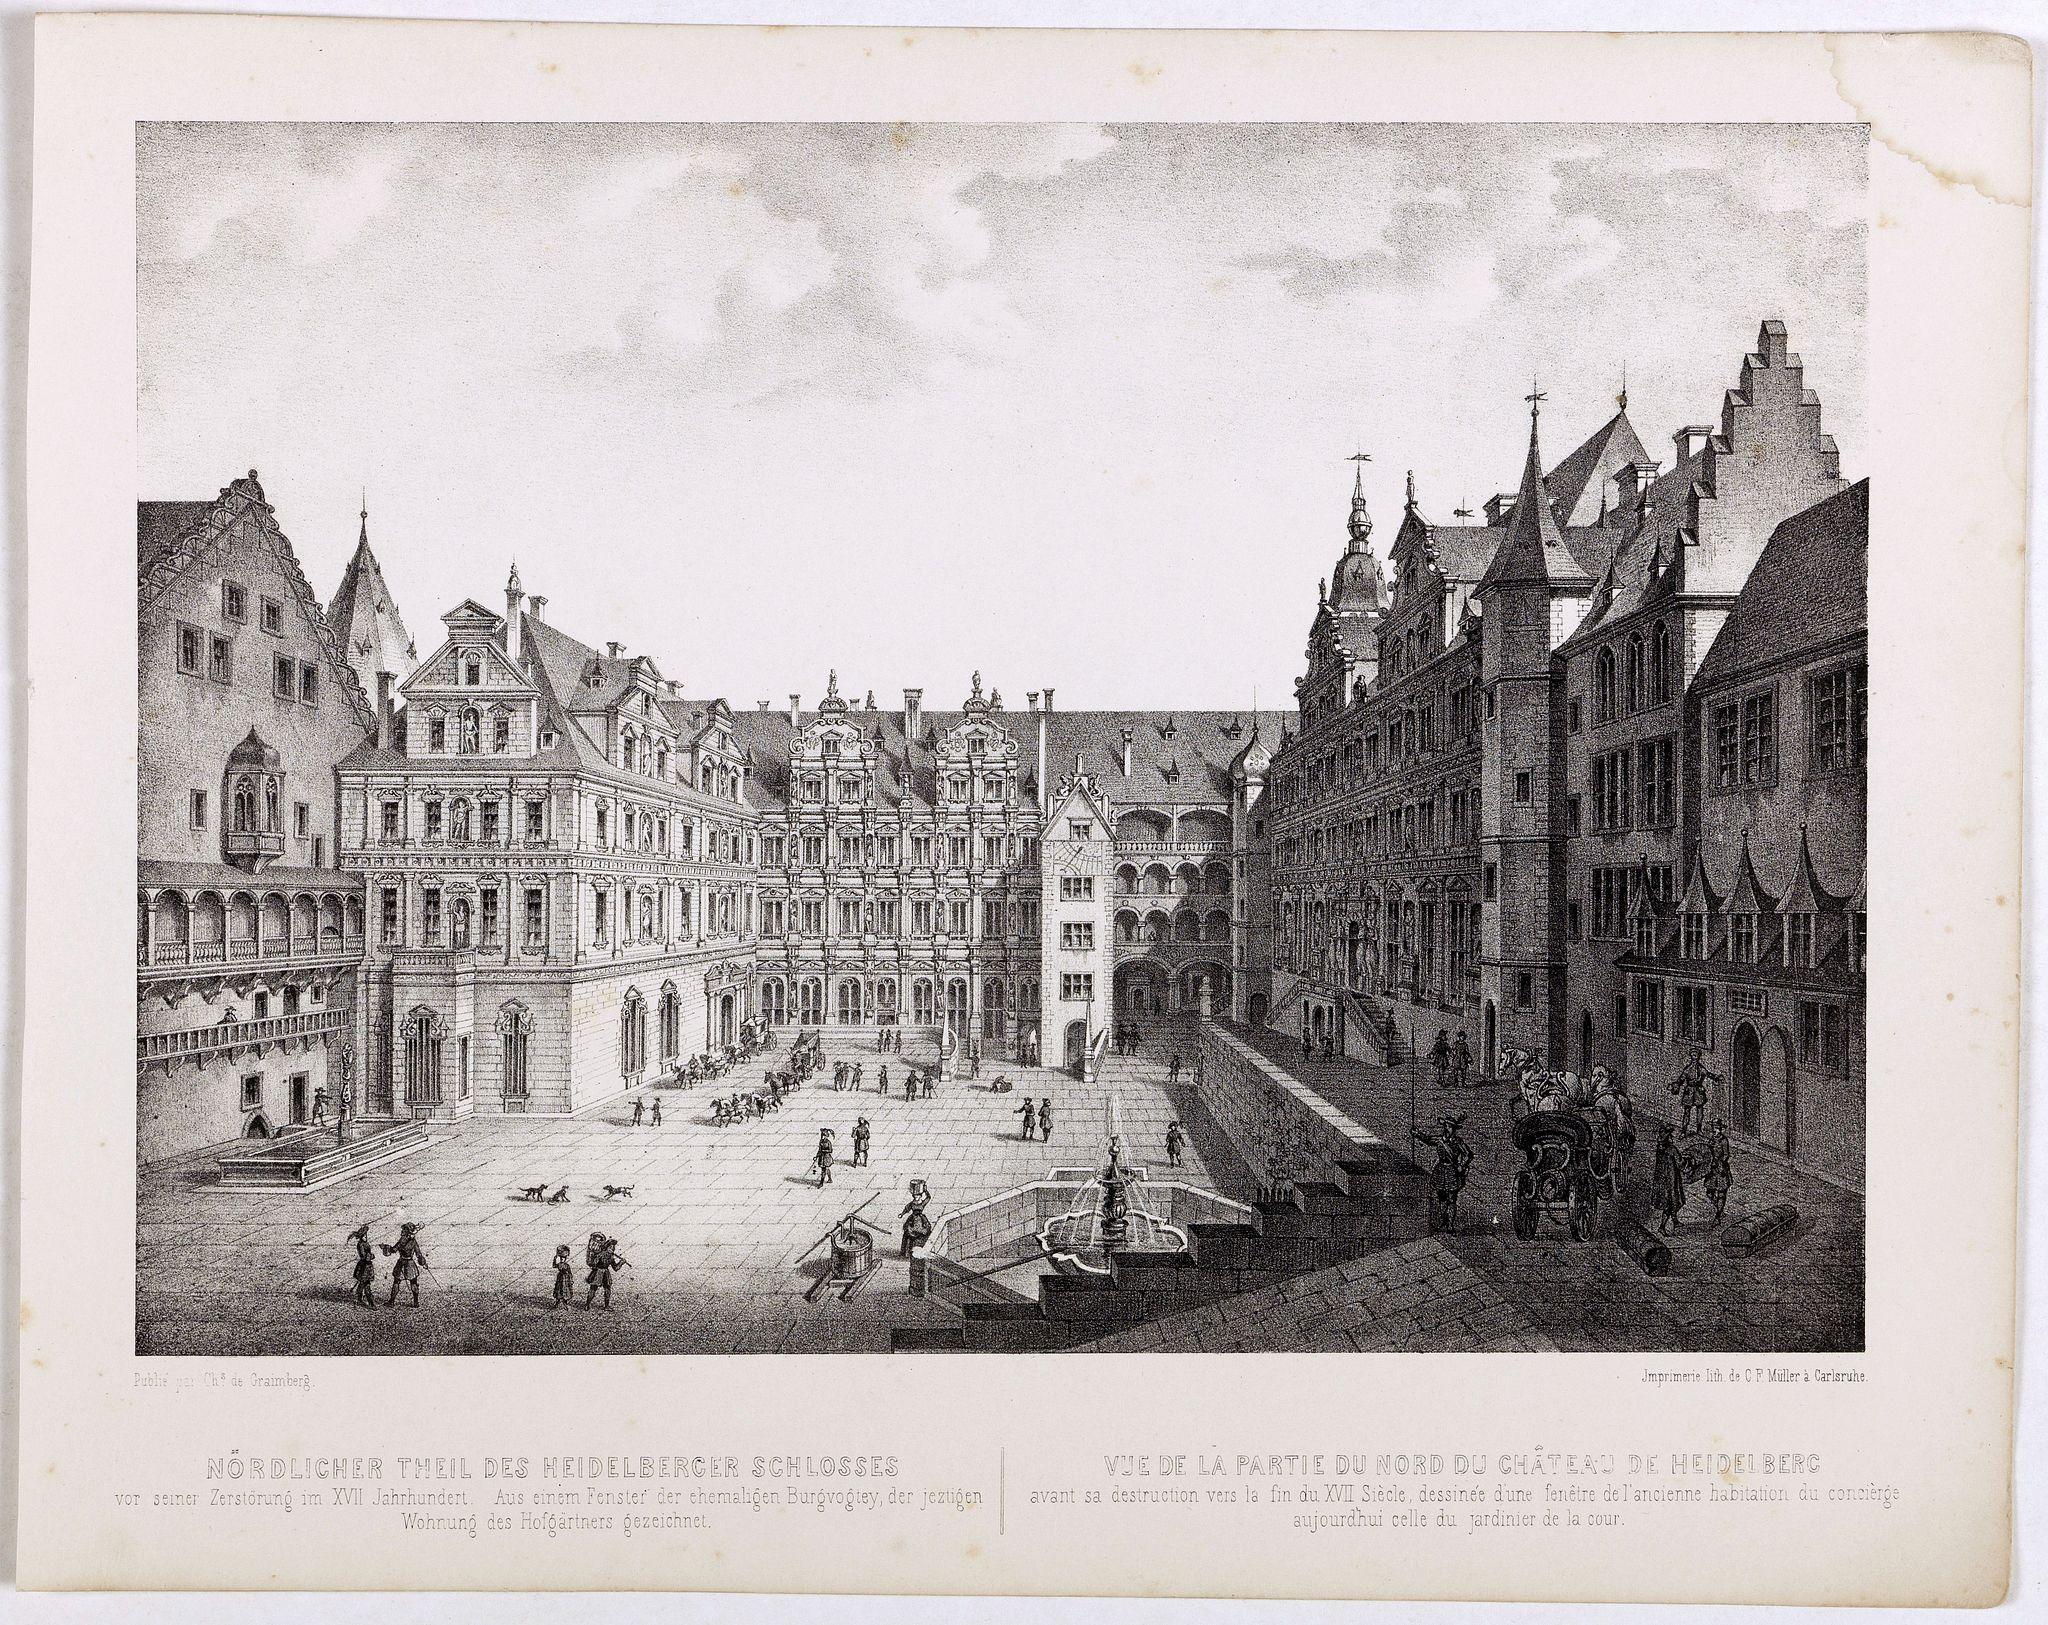 GRAIMBERG, Ch. -  Nördlicher Theil des Heidelberg schlosses. Vue de la partie du nord du château de Heidelberg.